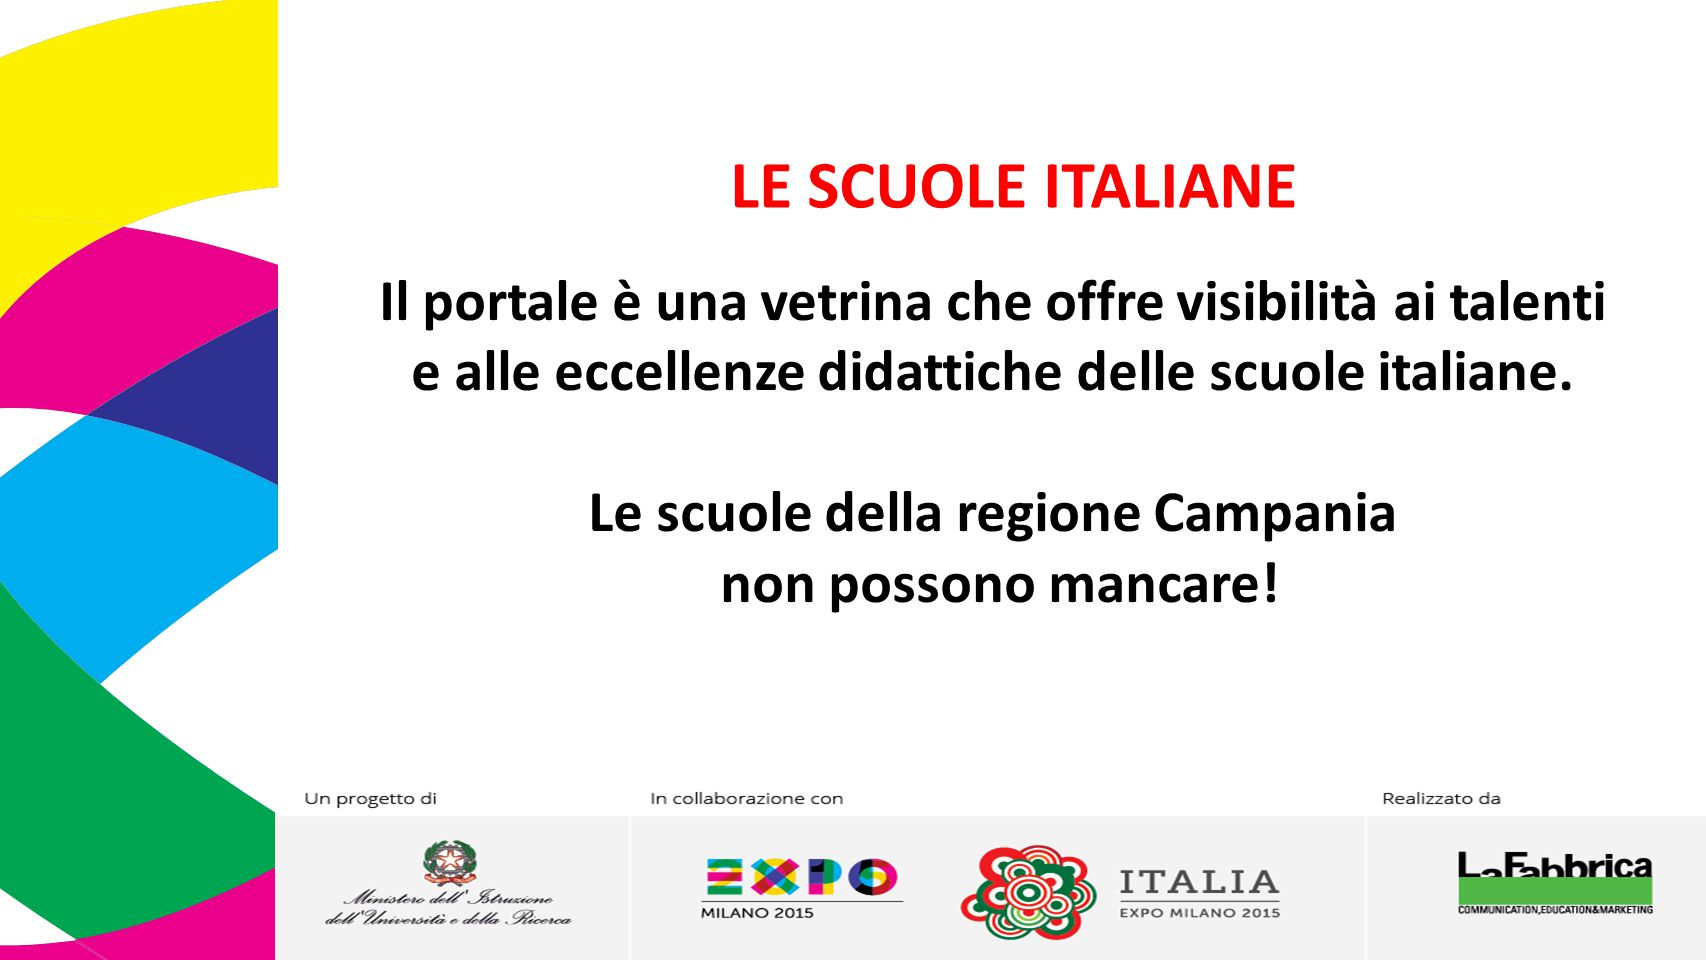 Le scuole della regione Campania